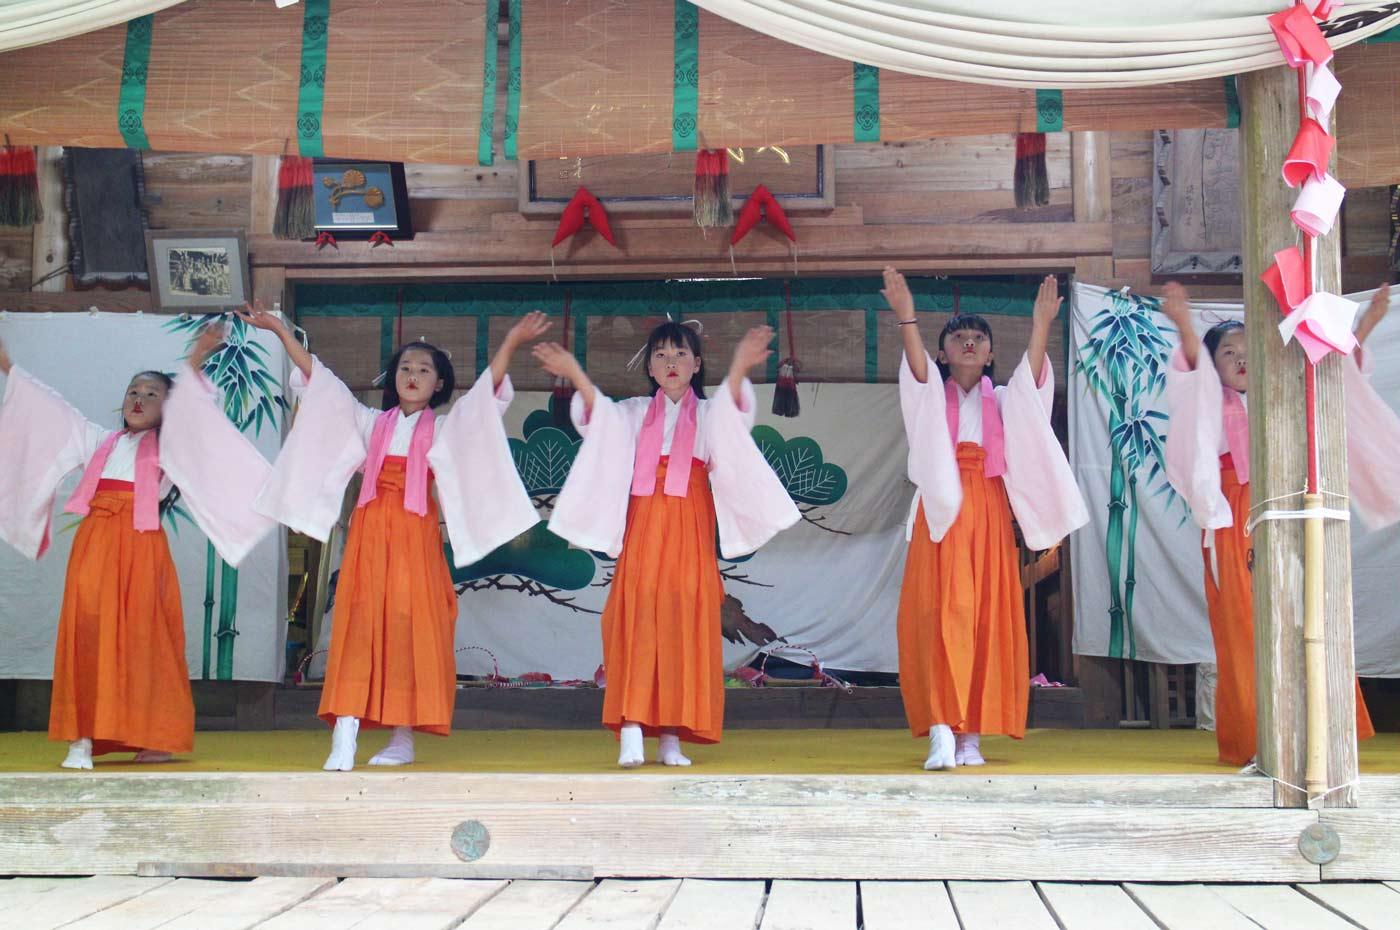 賀茂神社の花踊り手拭の舞い